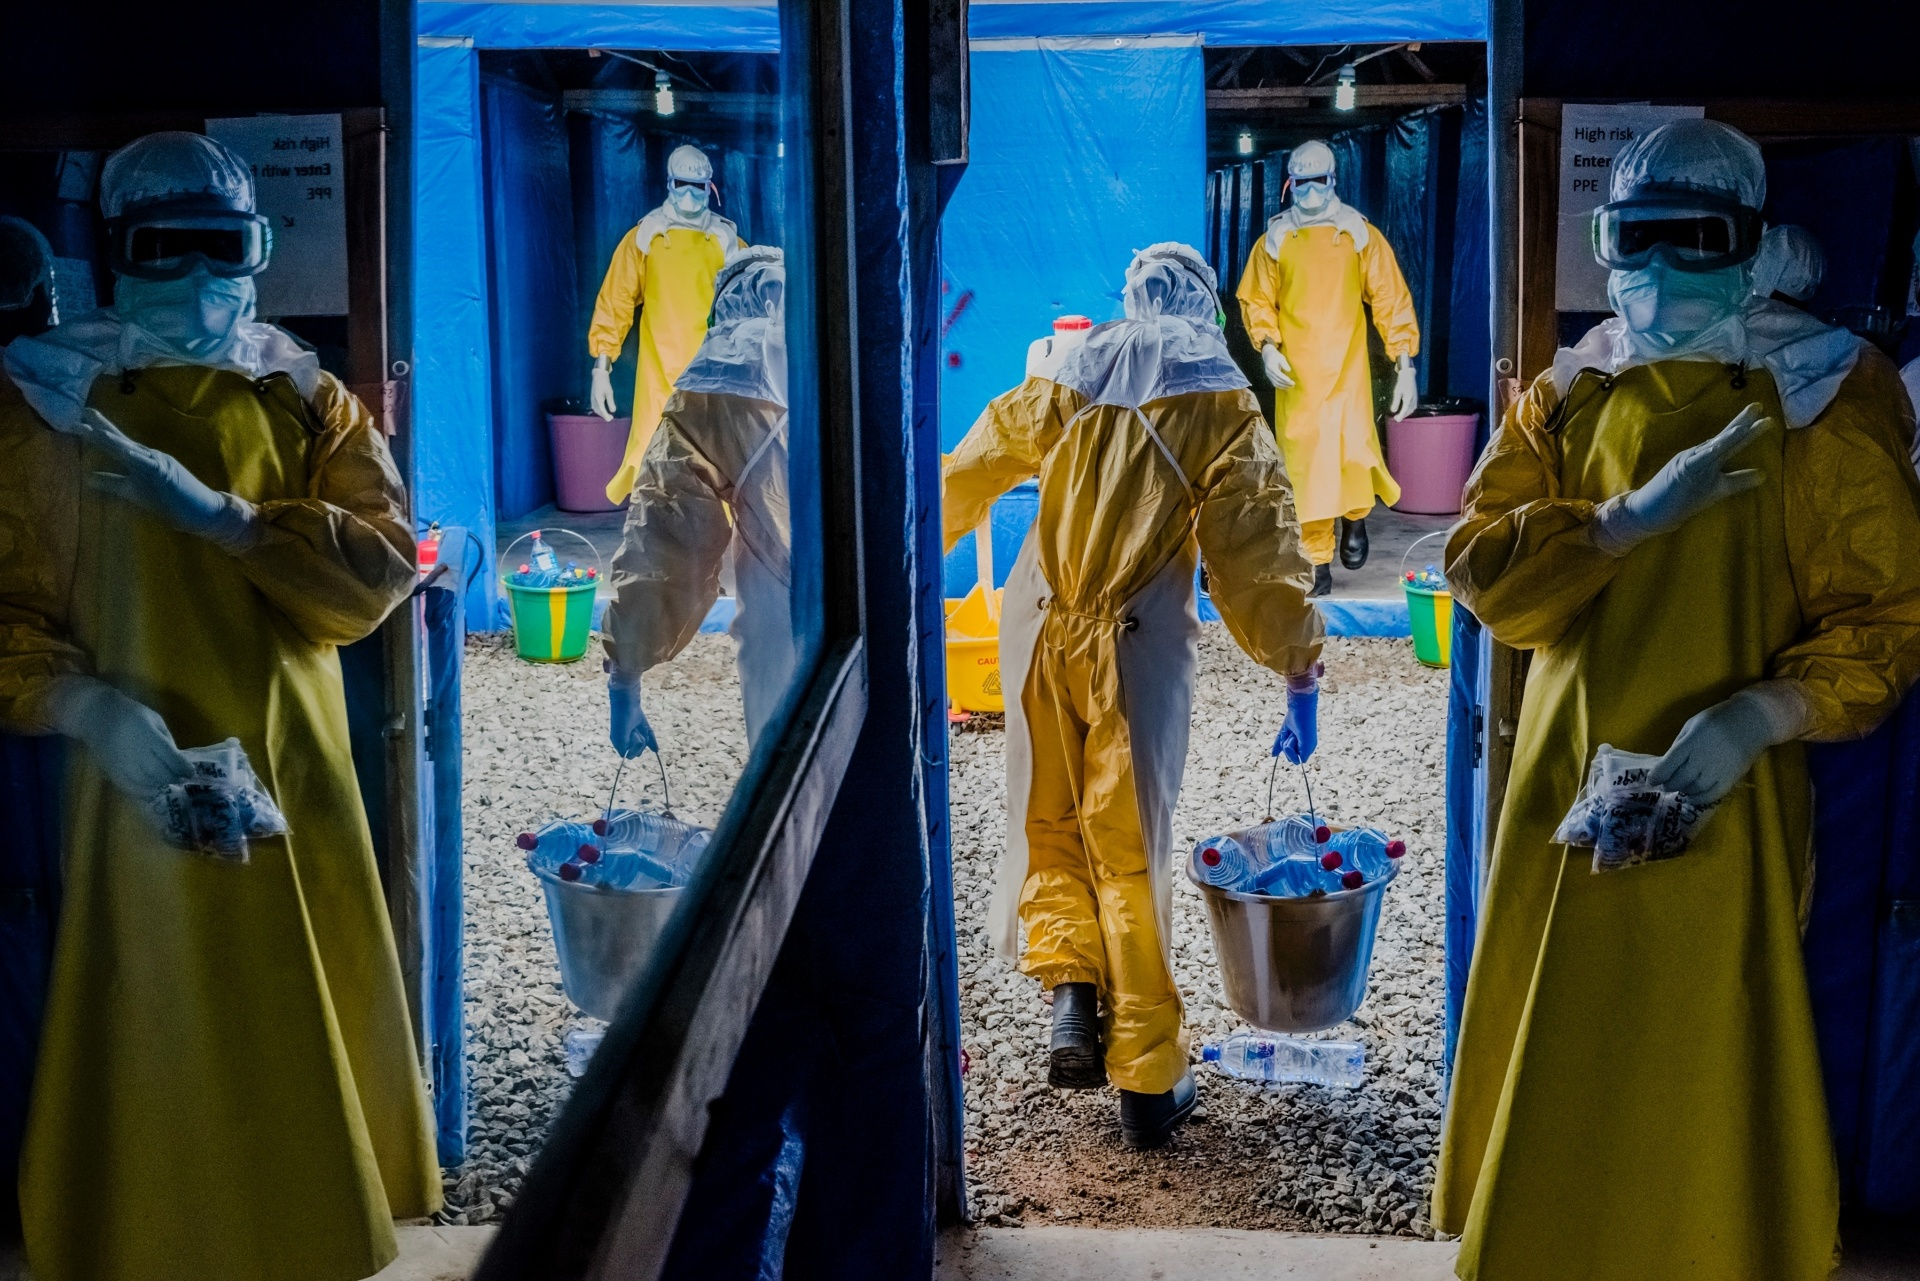 Funcionários entram em zona de alto risco durante o turno da manhã na Unidade de Tratamento de Ebola no Condado de Bong em Sgt. Kollie Tow, na Libéria. O centro recém-aberto é operado por uma organização de caridade norte-americana, a International Medical Corps. Voluntários ocidentais e liberianos identificam quem está infectados e tentam evitar que o vírus se espalhe